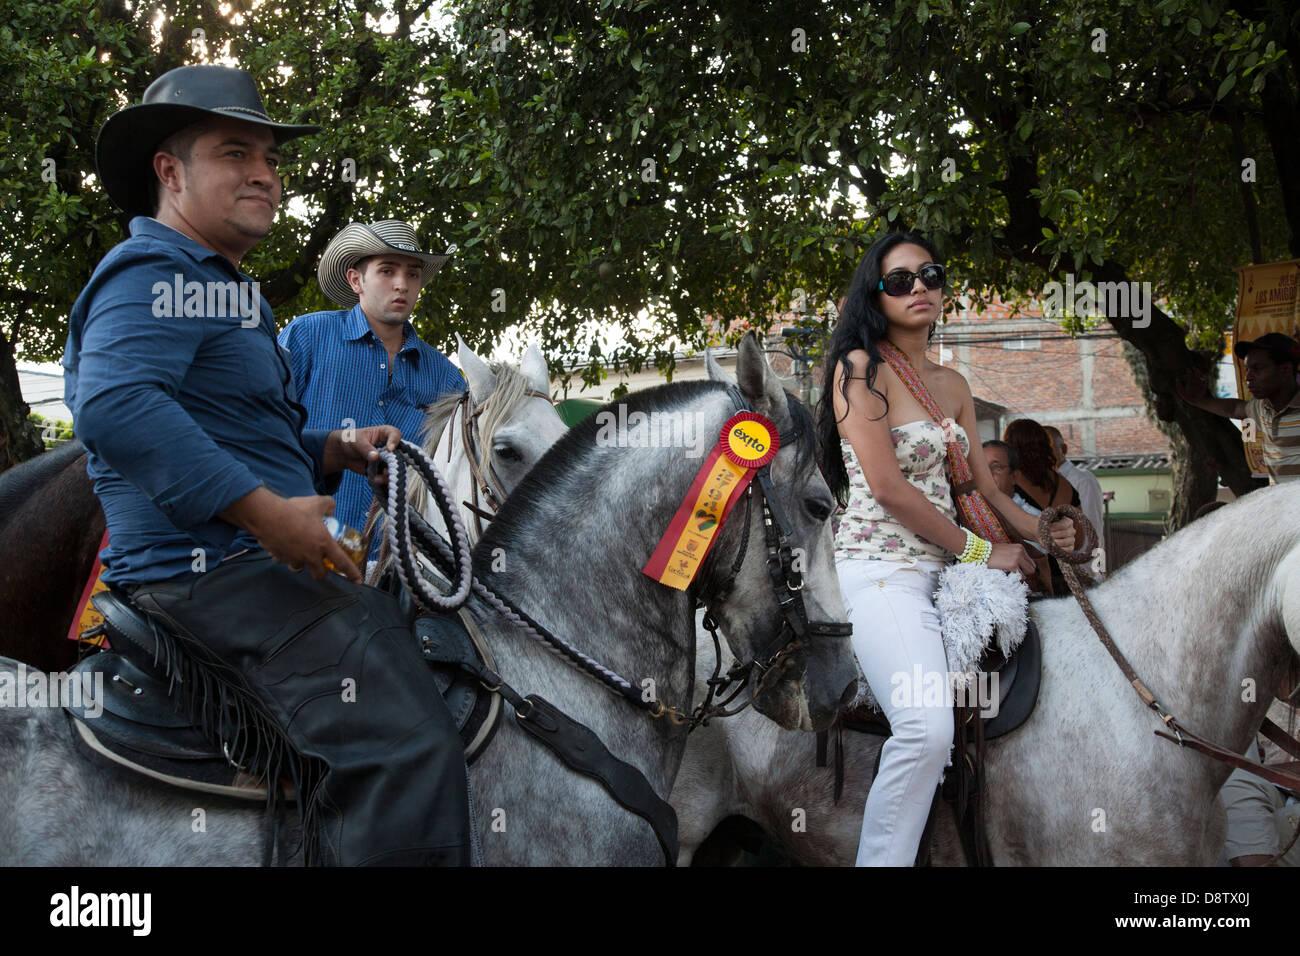 Cabalgata Fotos.La Cabalgata Horse Parade Feria De Cali Cali Fair Cali